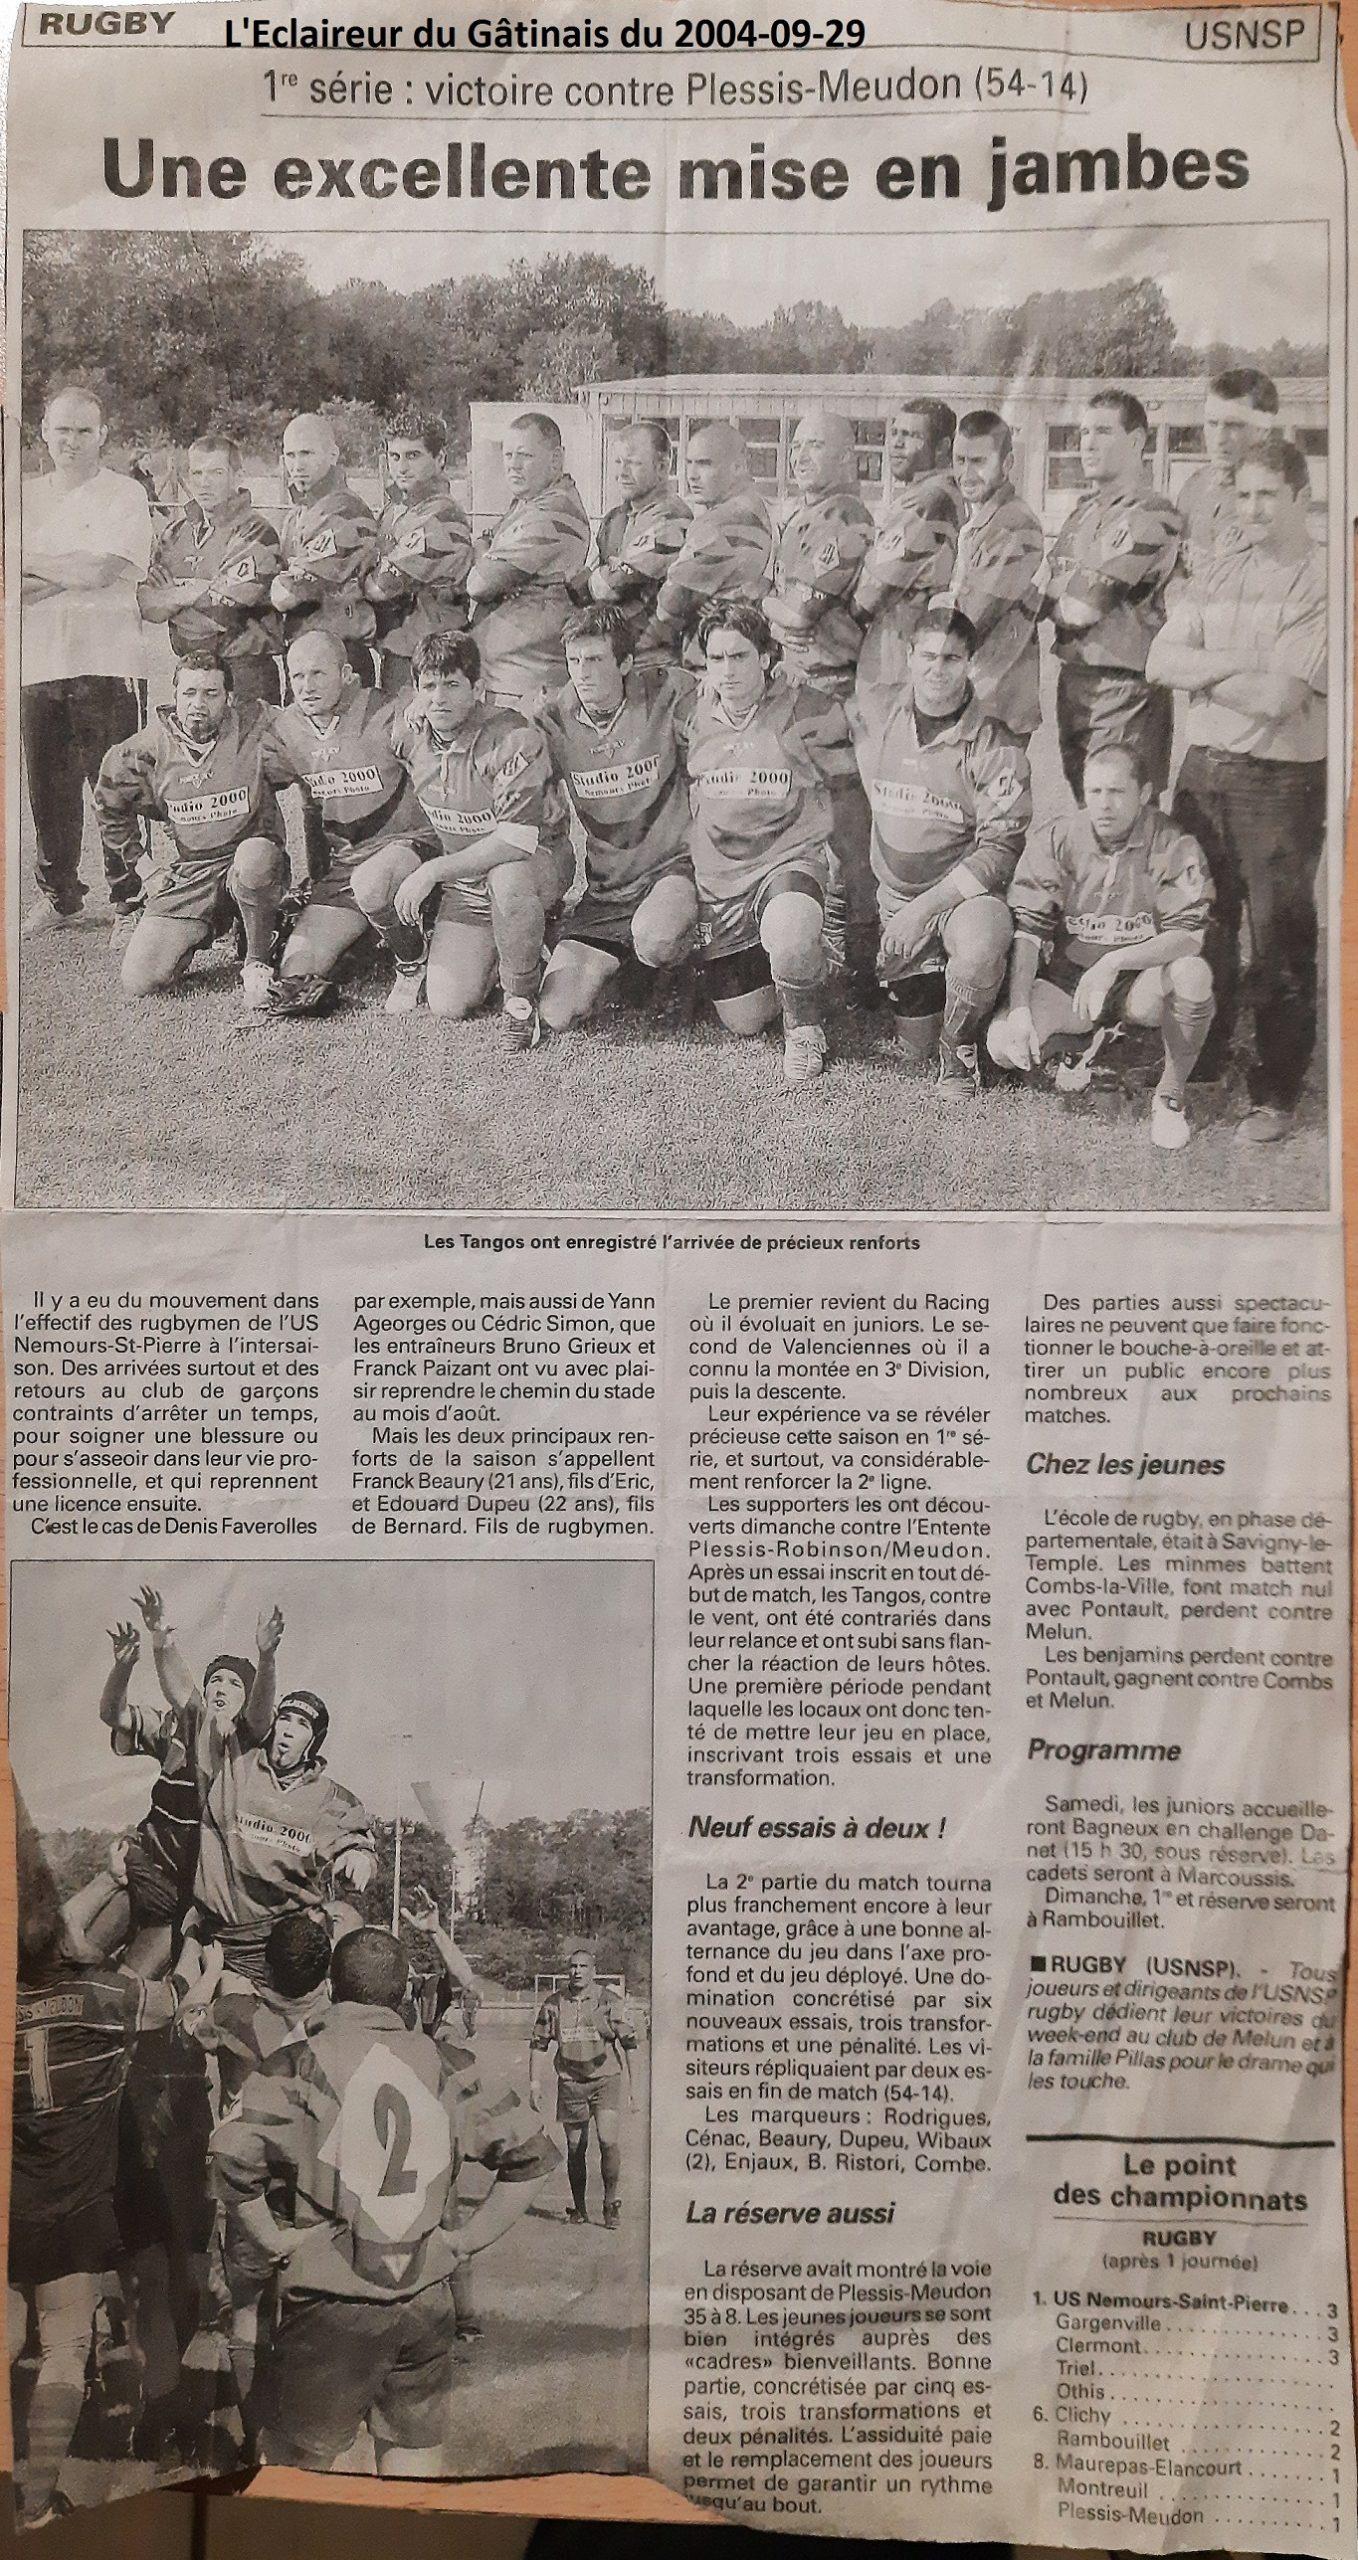 Eclaireur du Gâtinais 2004-09-29